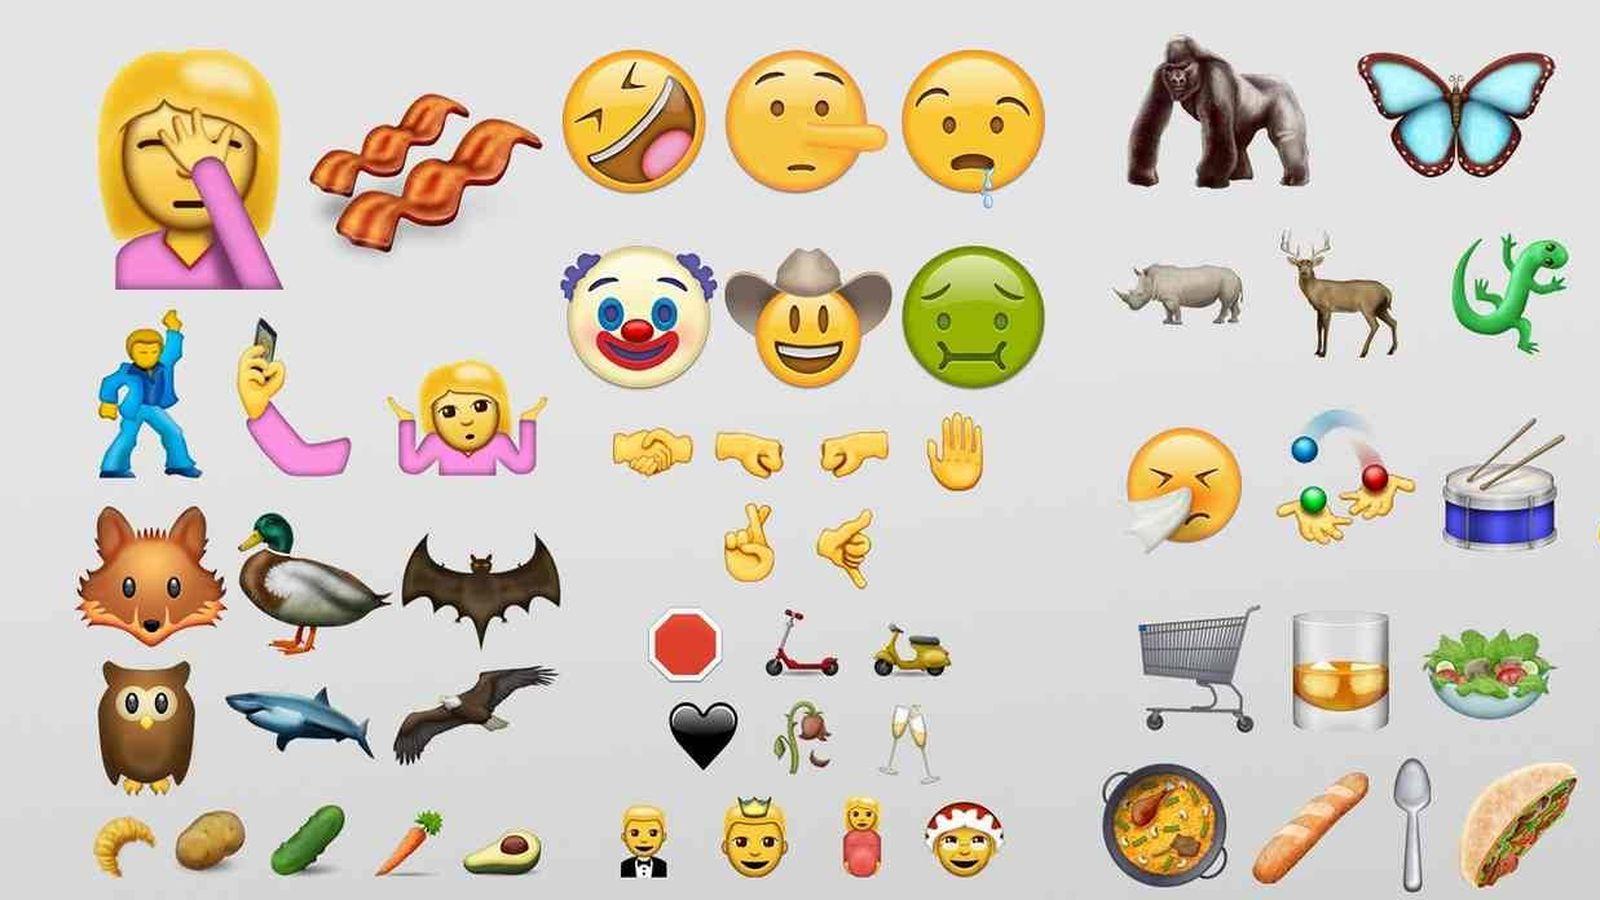 whatsapp los 72 nuevos emoticonos que podr s usar en whatsapp a partir del 21 de junio. Black Bedroom Furniture Sets. Home Design Ideas